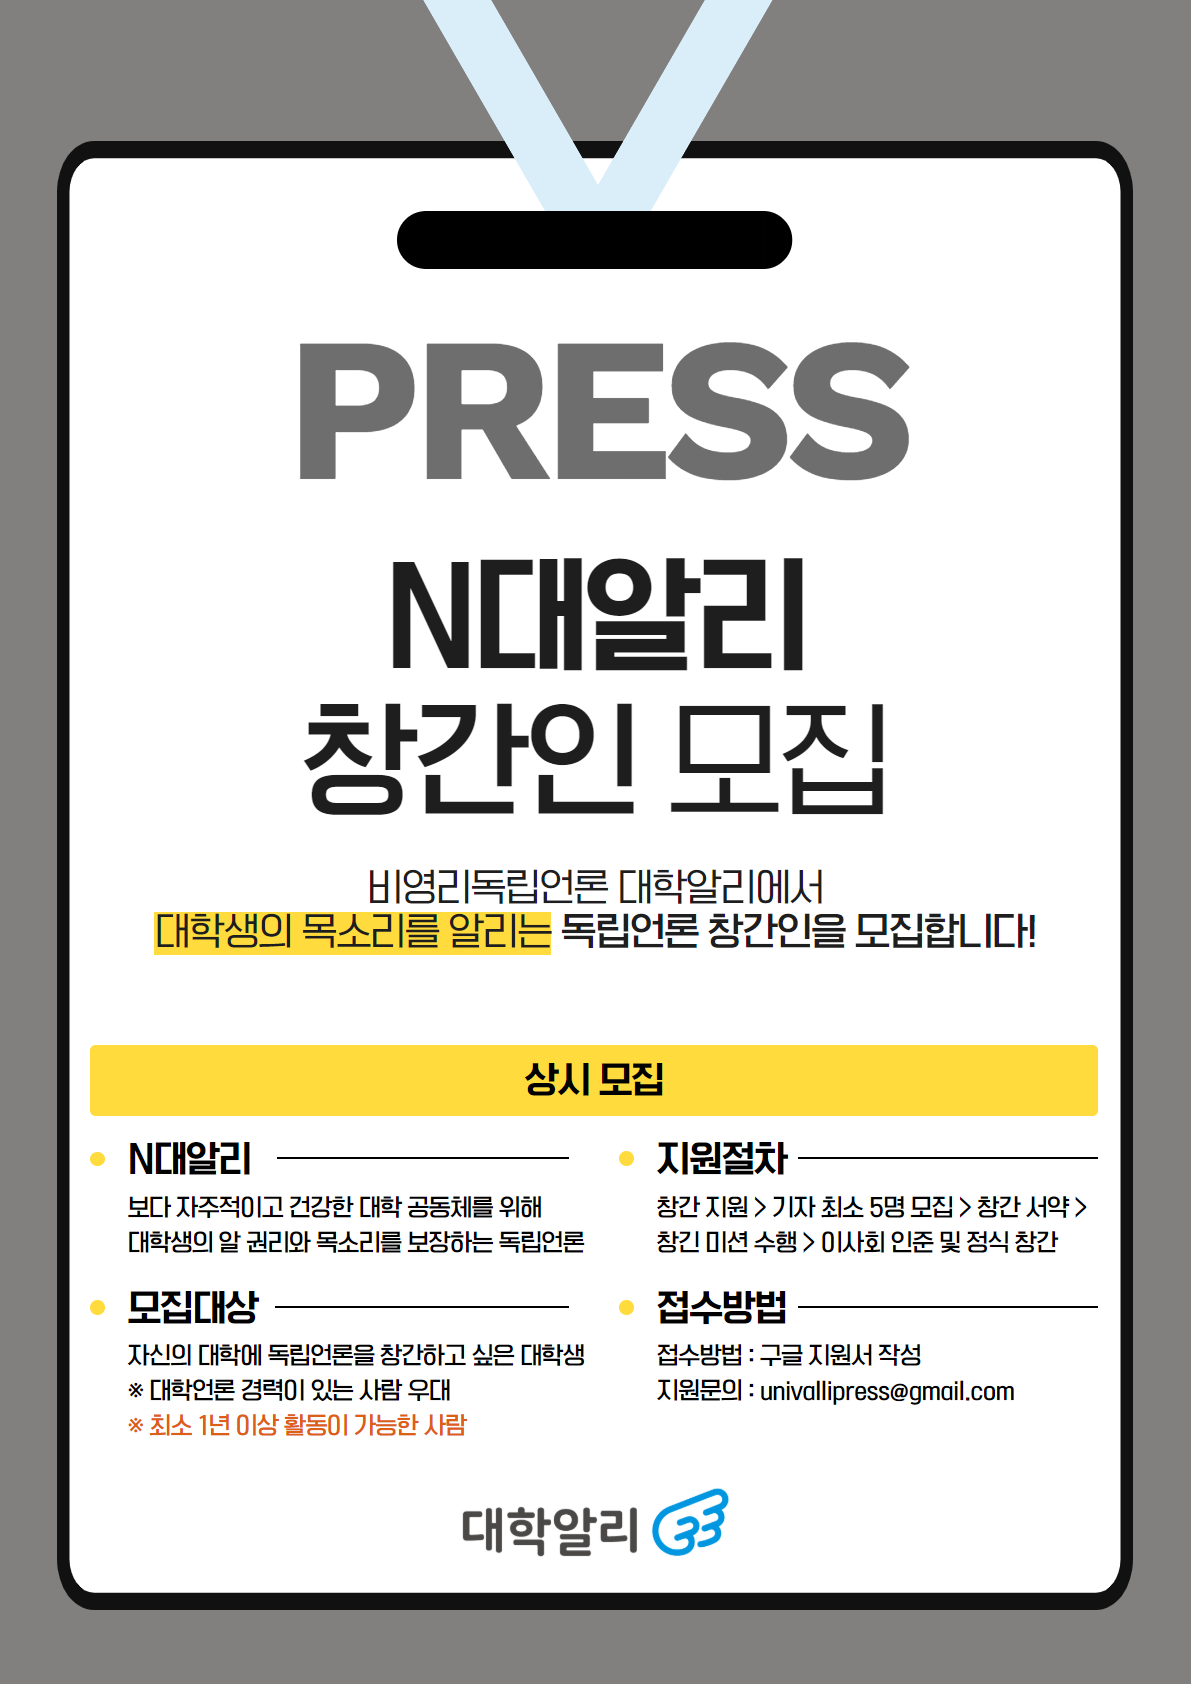 독립언론 ≪N대알리≫ 창간인 모집 (2020 하반기)